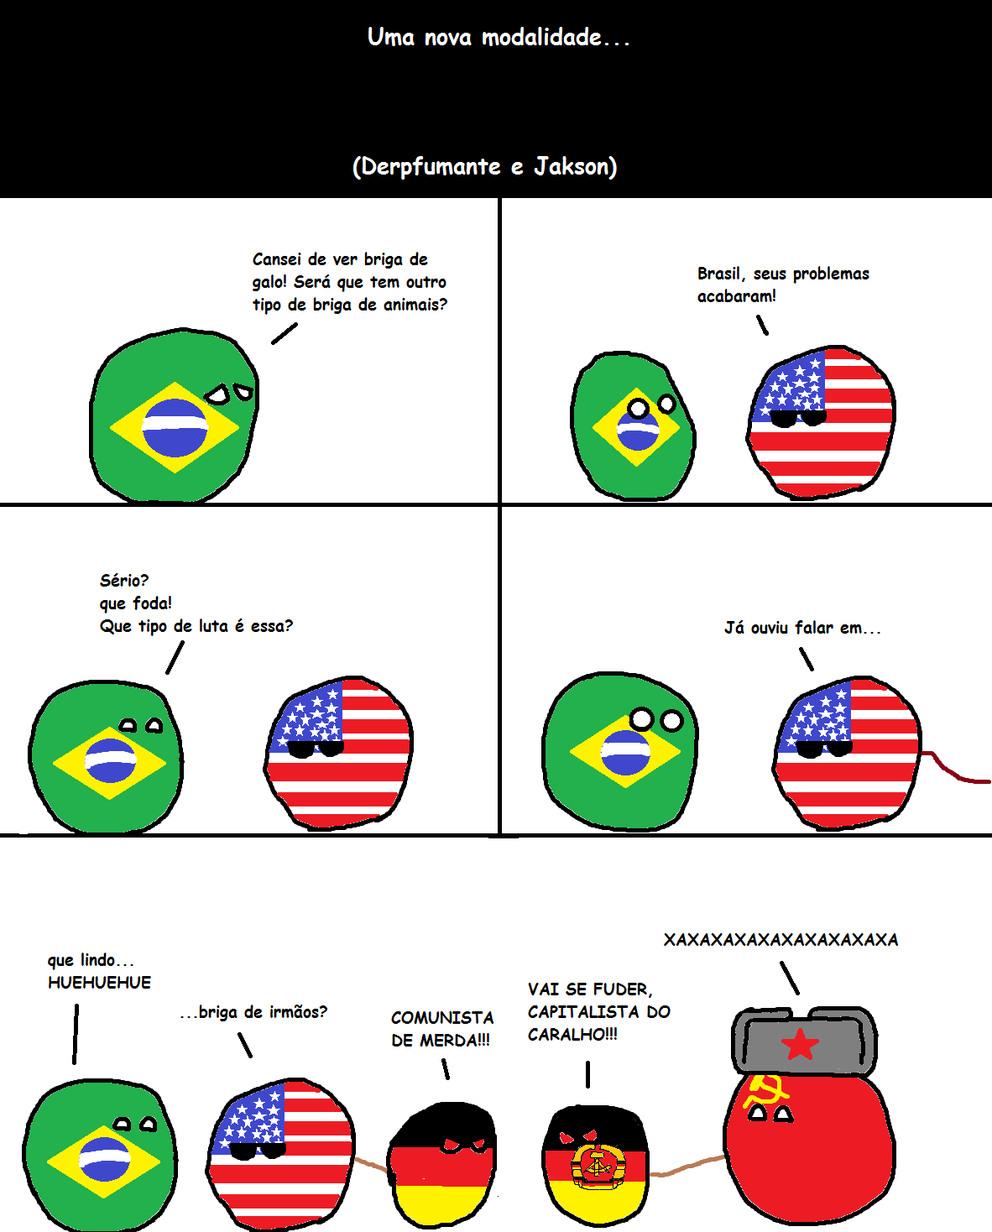 Uma nova modalidade de luta (ft. Jakson) - meme